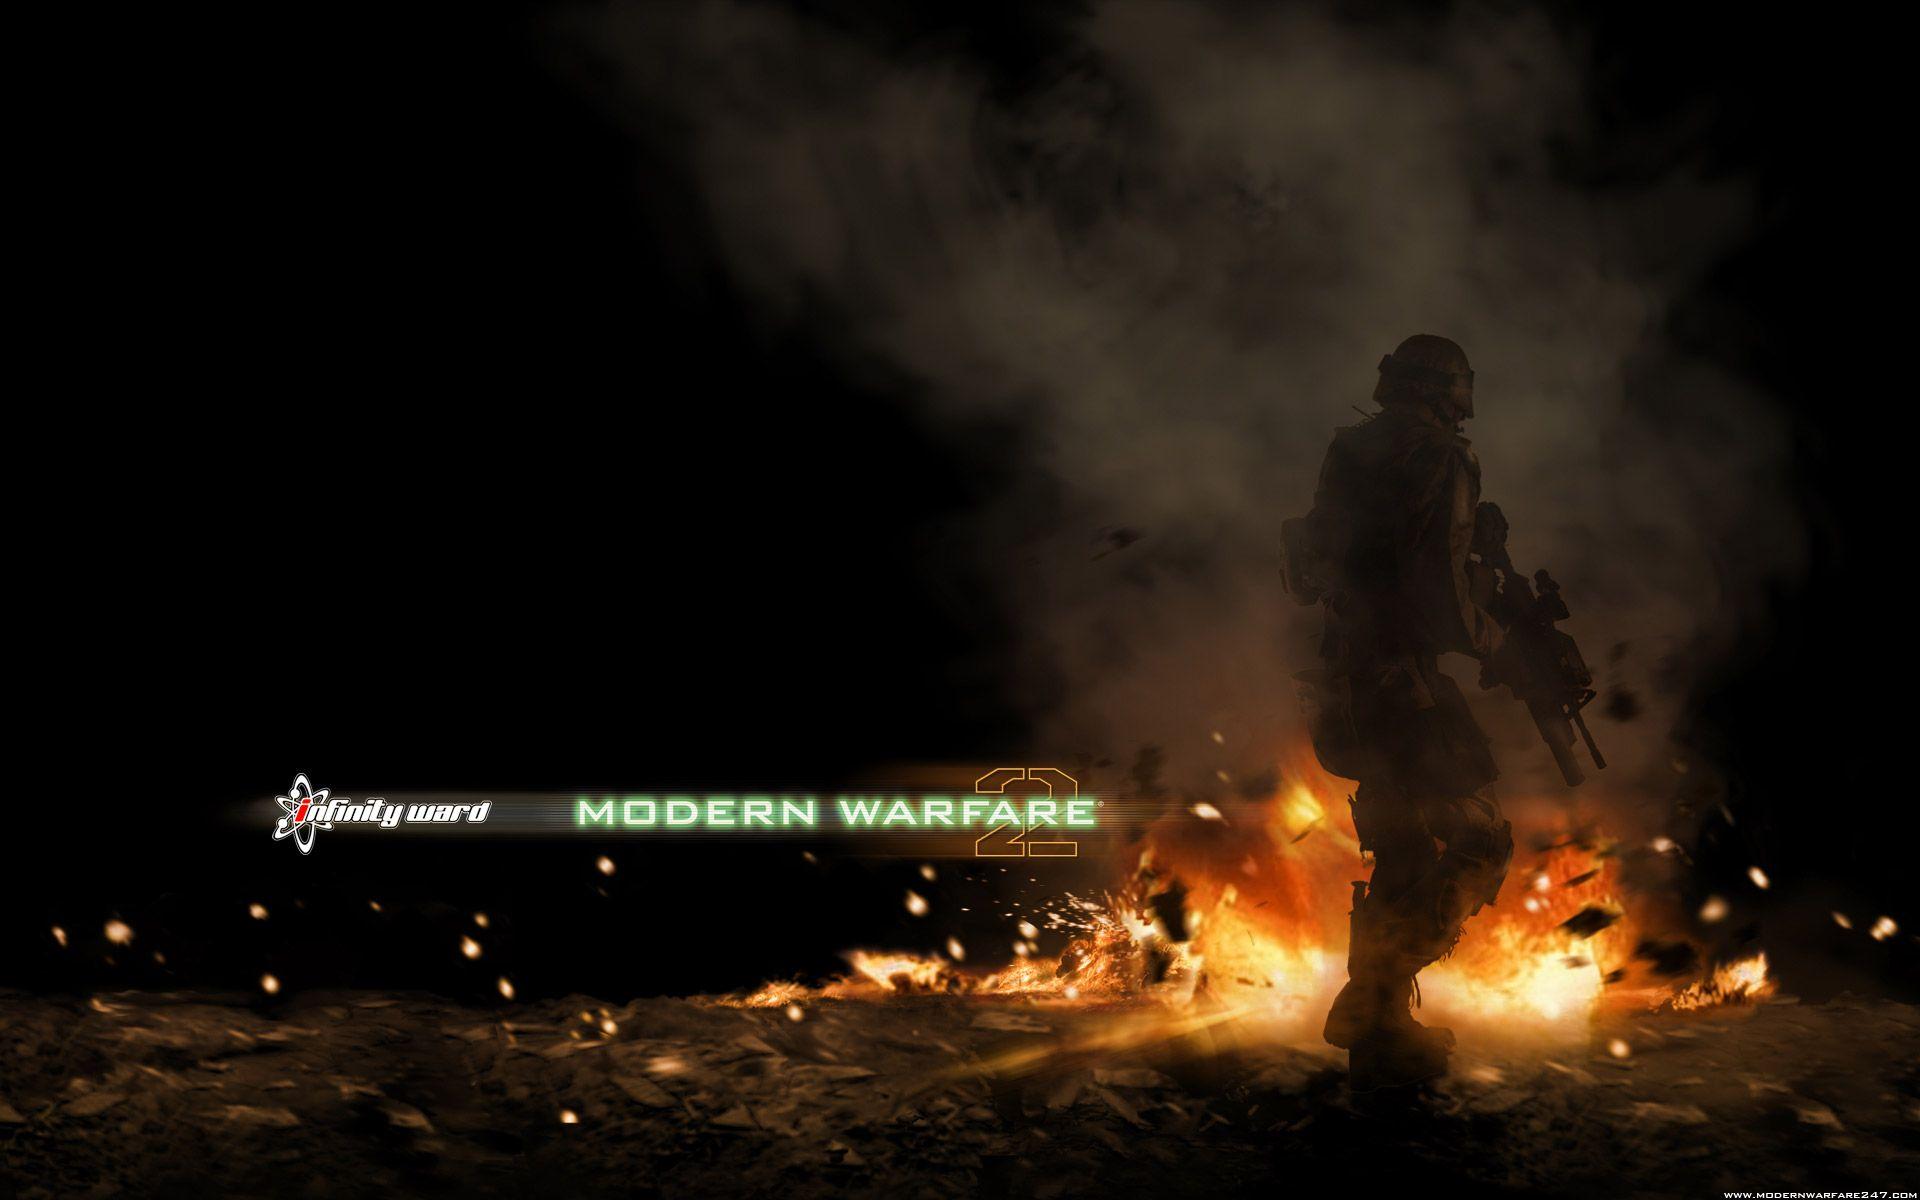 Wallpaper Wallpaper From Call Of Duty Modern Warfare Art